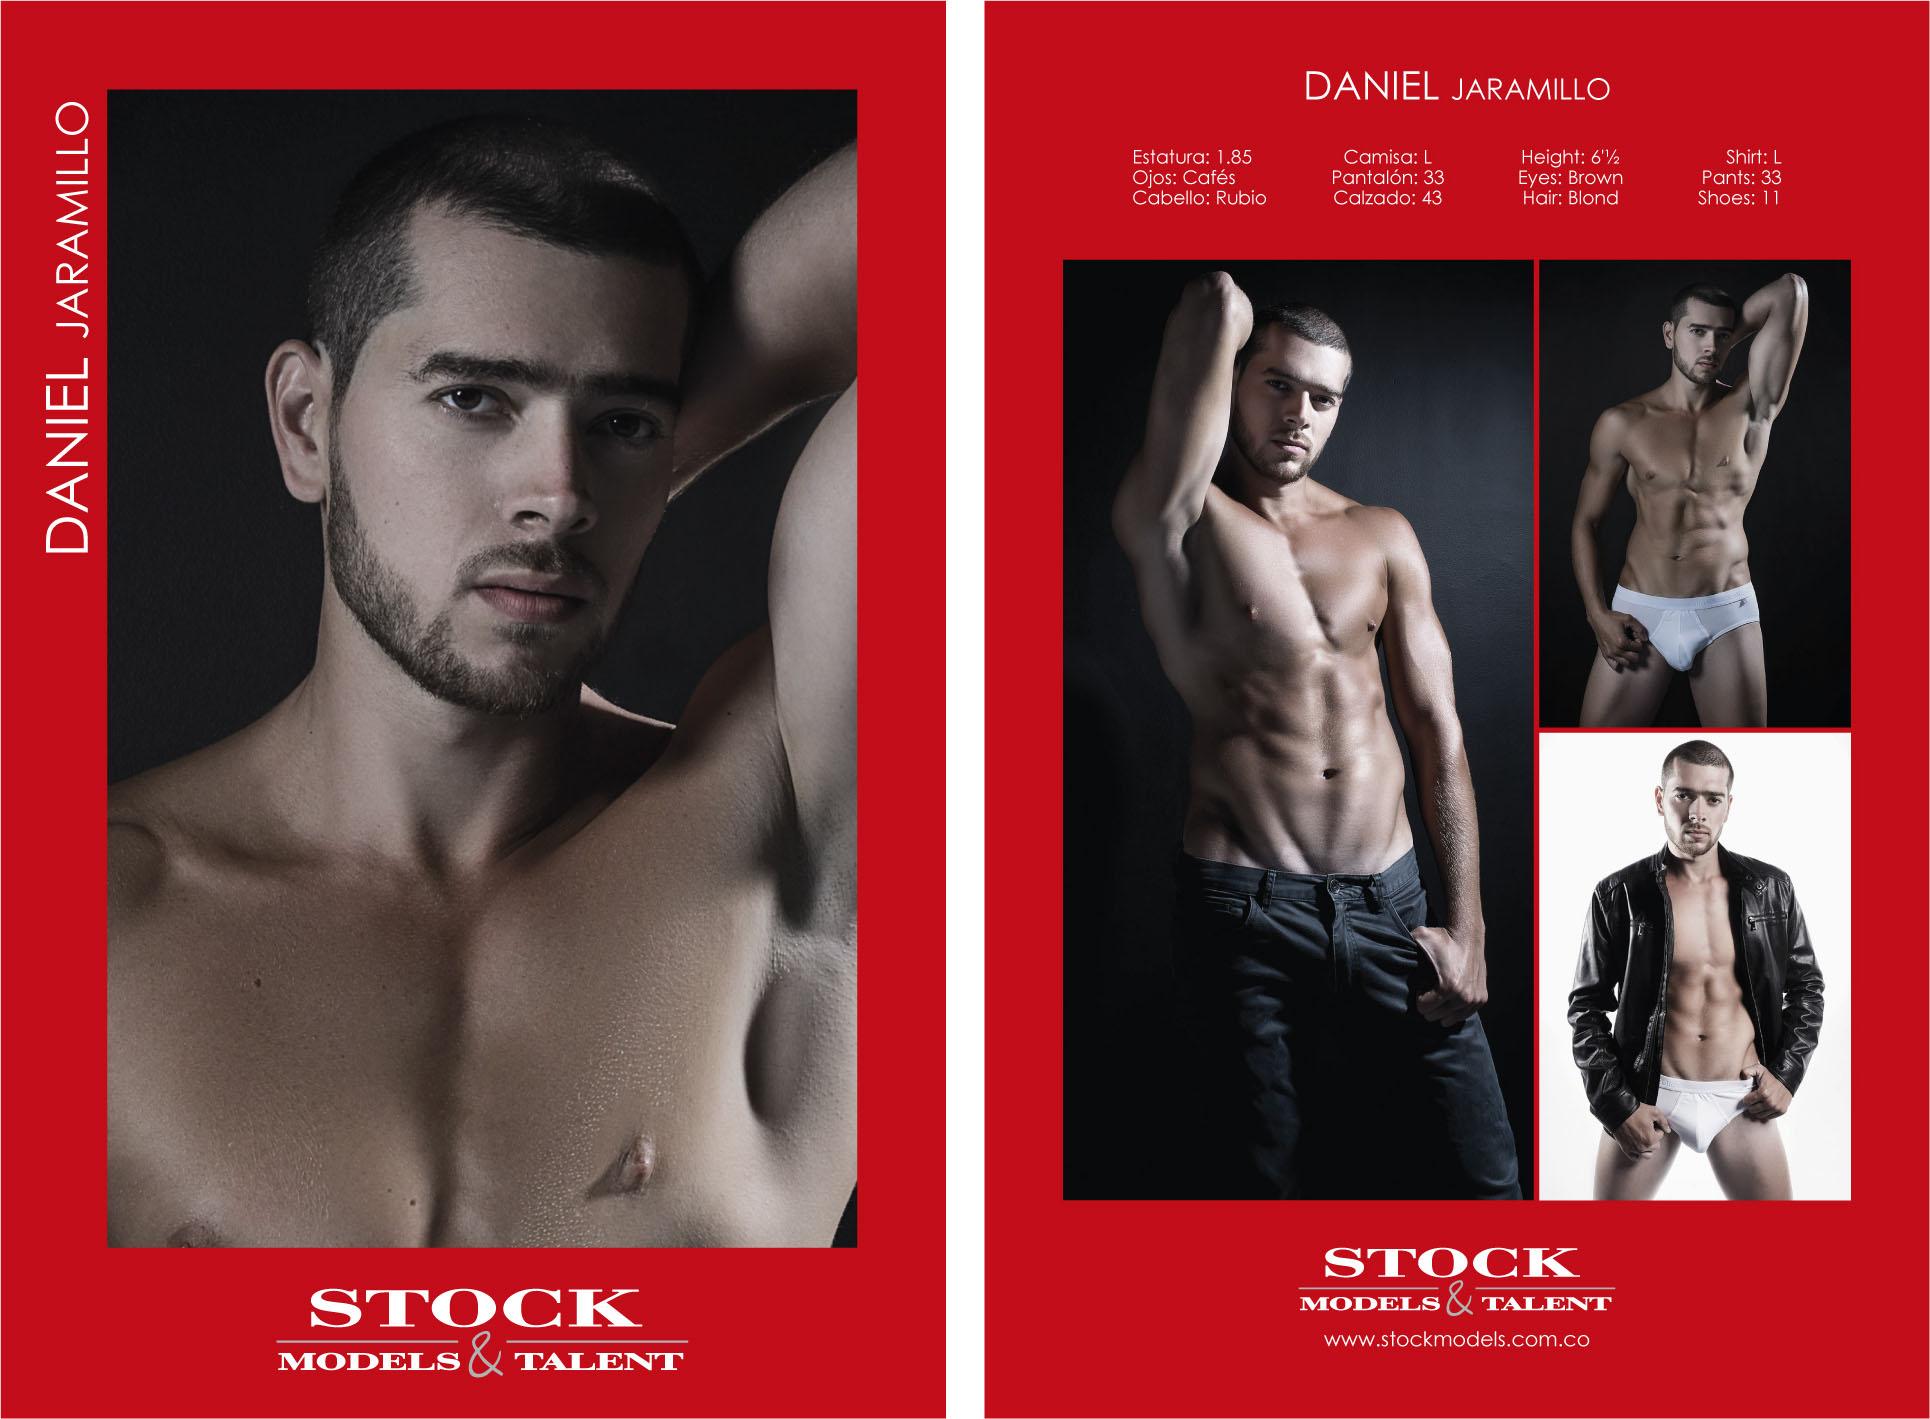 Masculinos Medellín Stock Models Talent